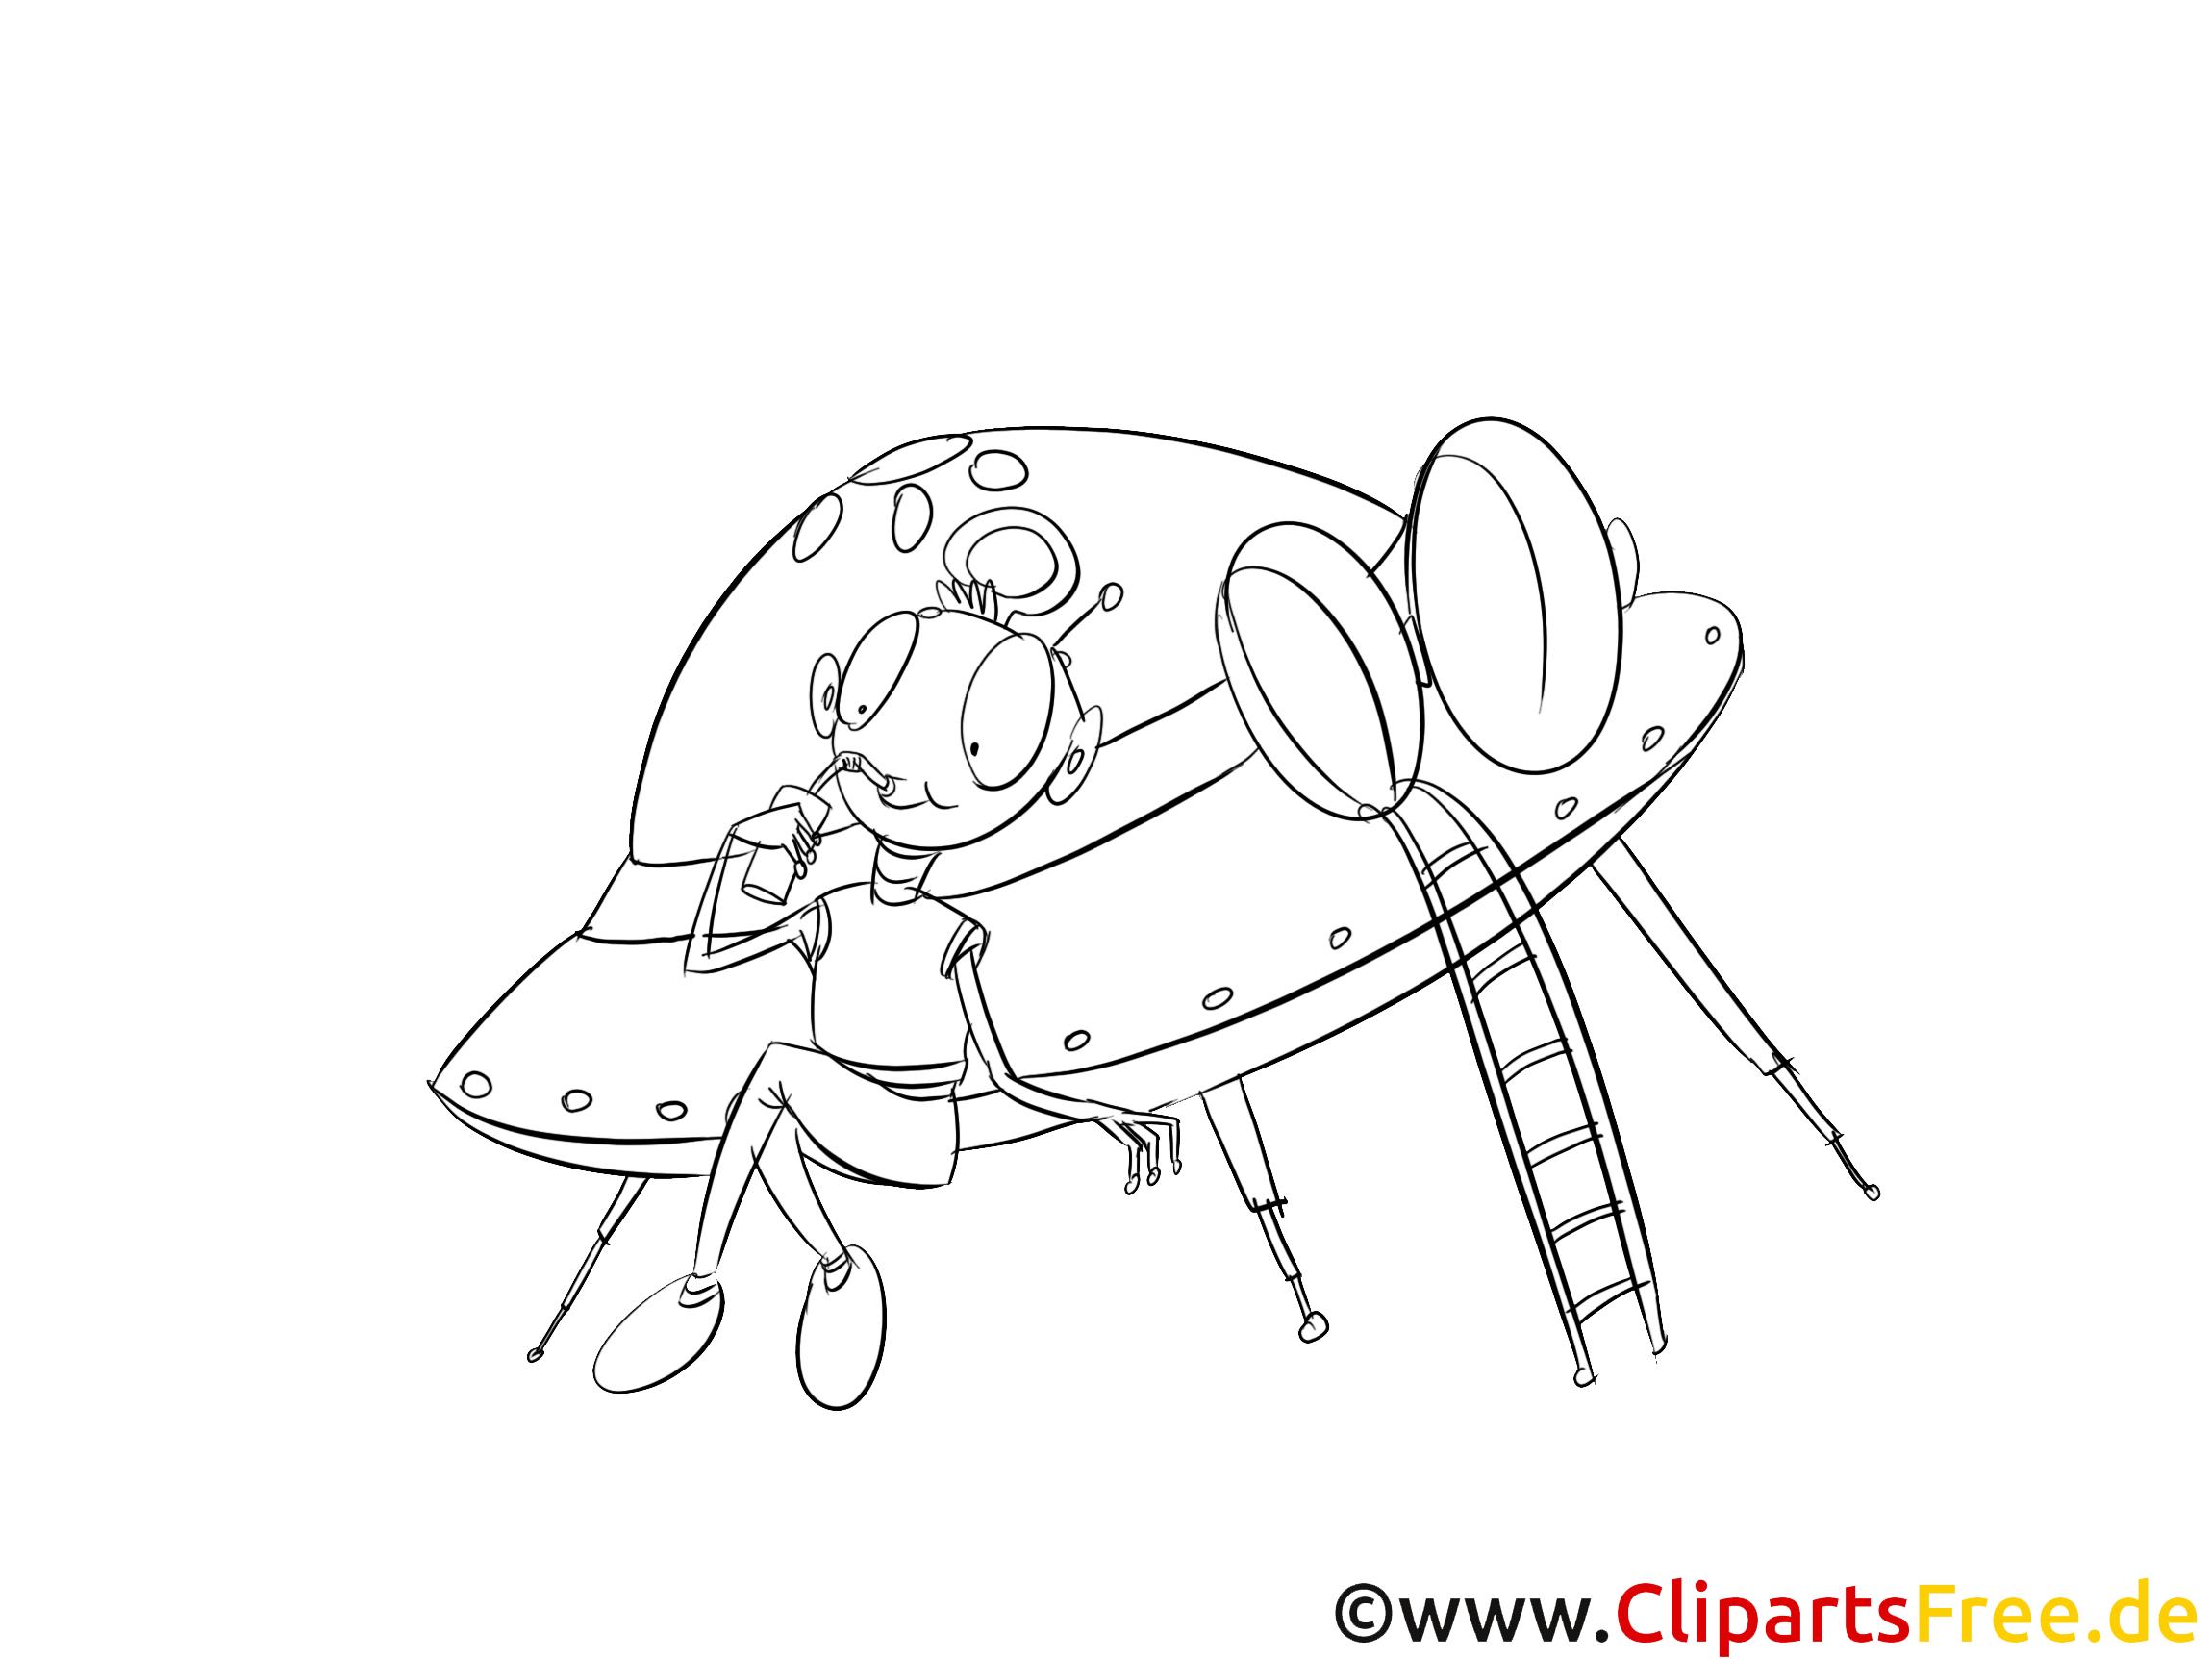 Fliegender Teller Ufo Malvorlage Kostenlos